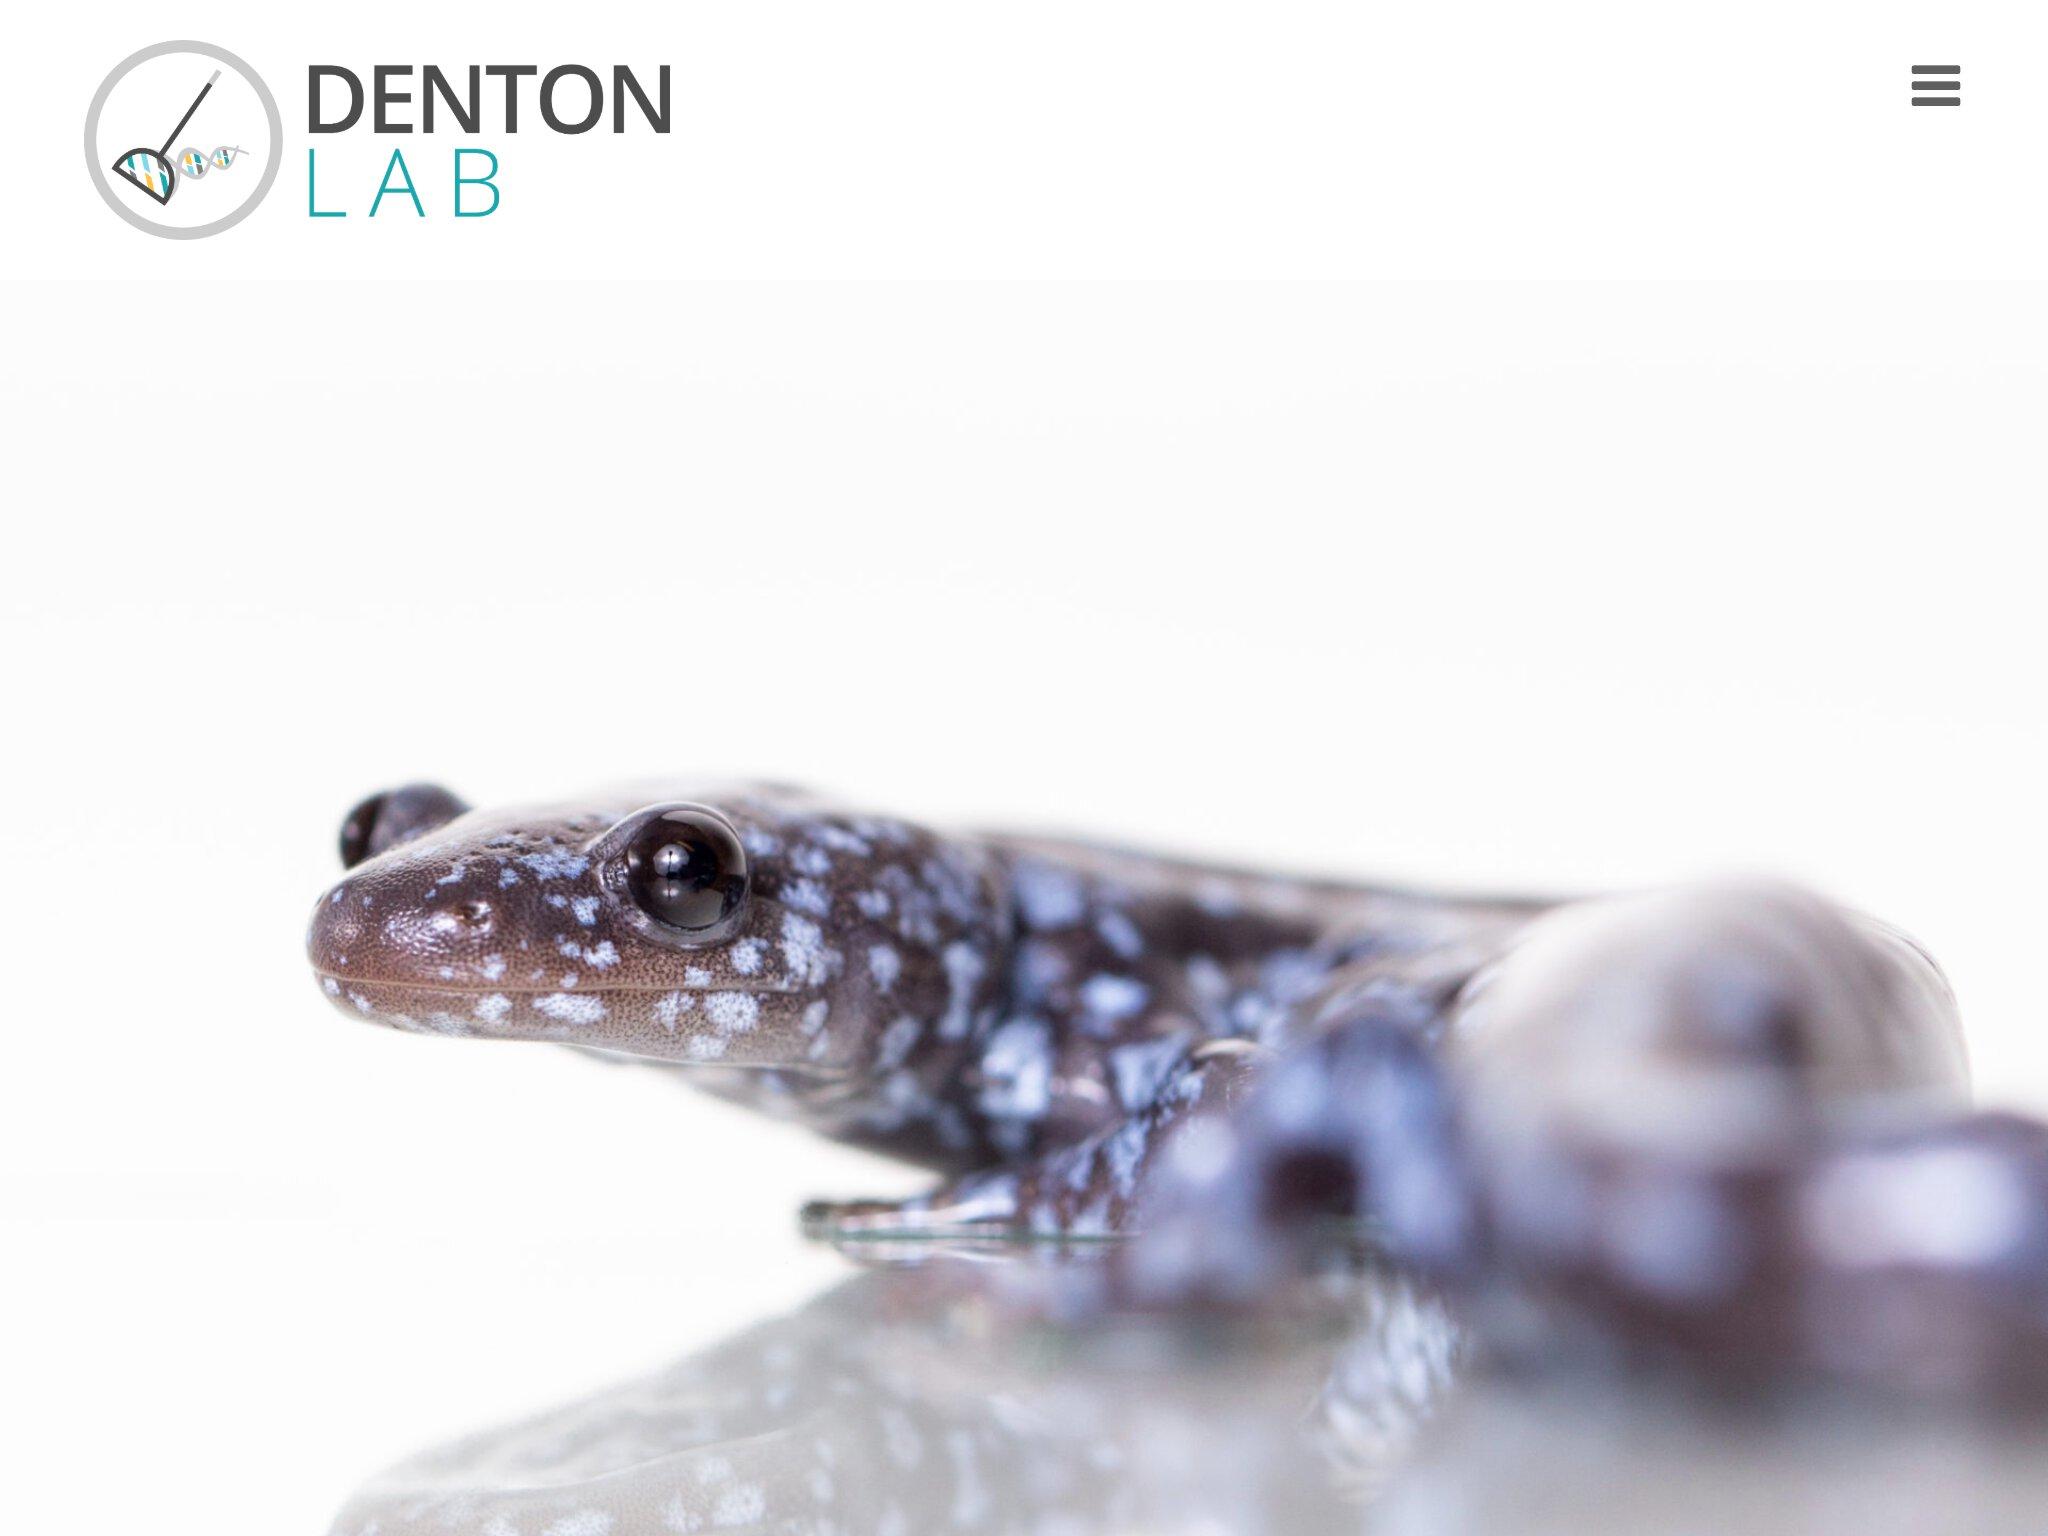 Denton lab